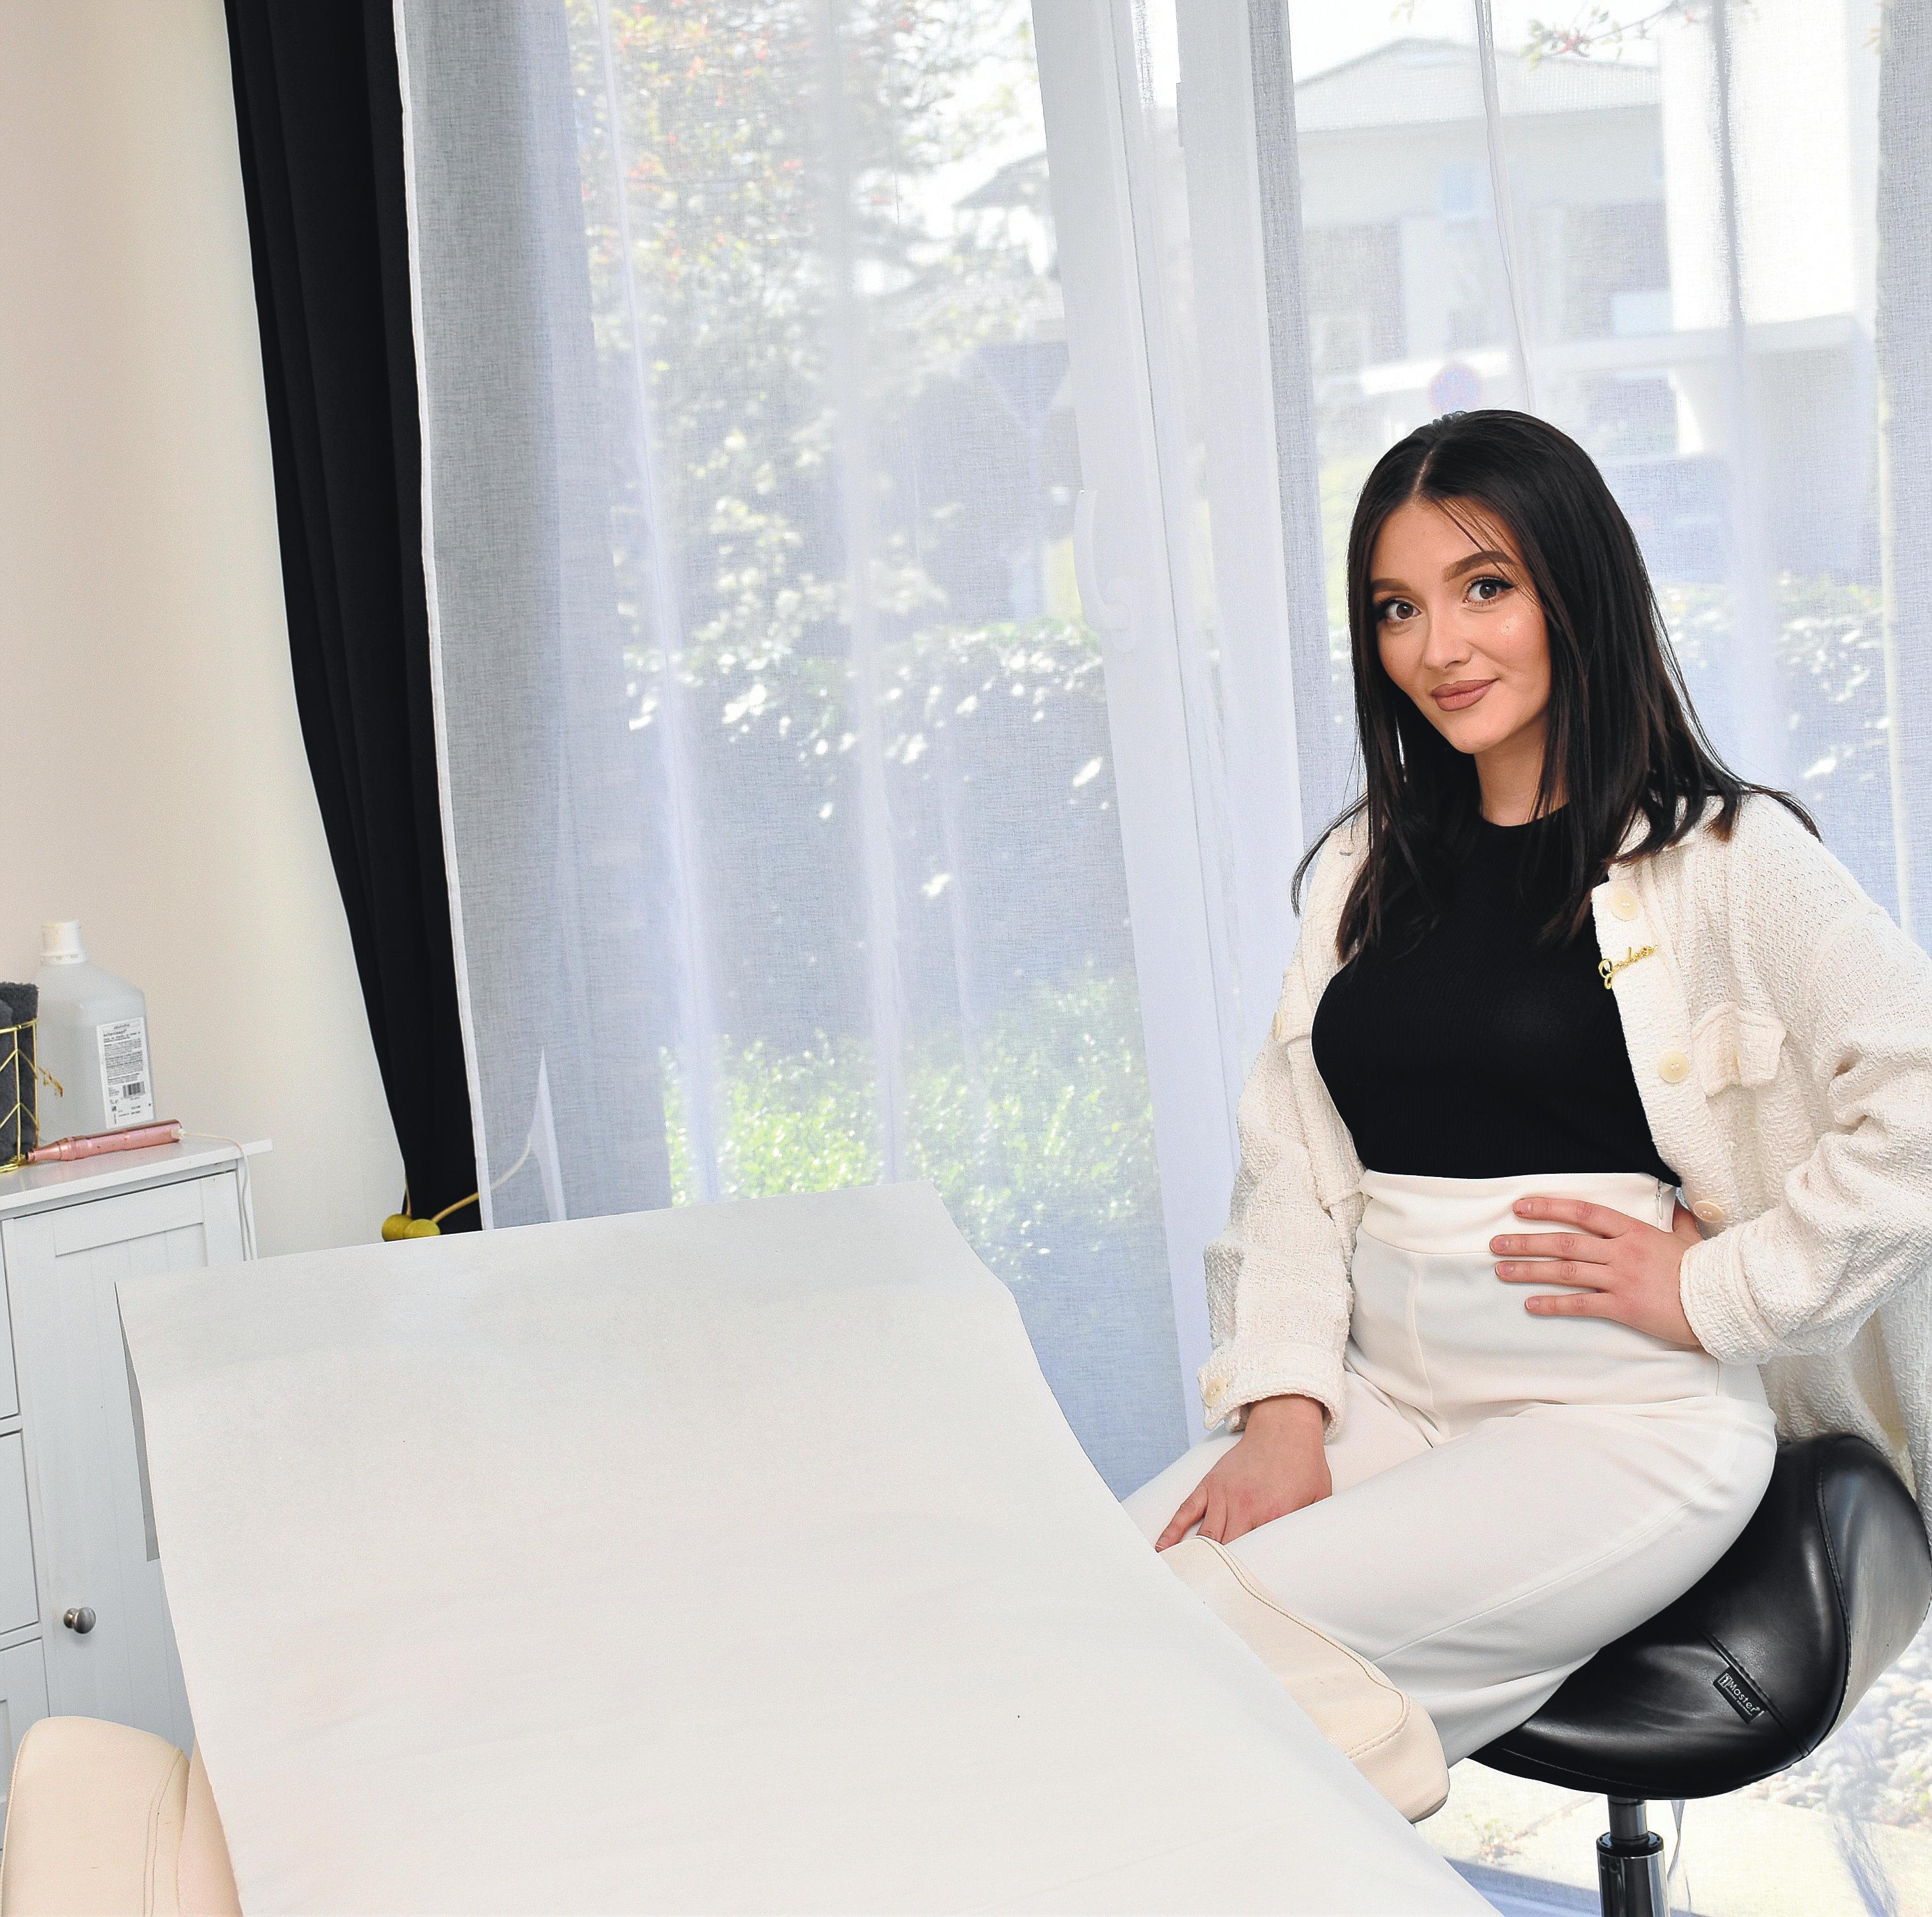 Kosmetische Behandlungen sind unter anderem das Spezialgebiet der jungen Lohnerin Jennet.